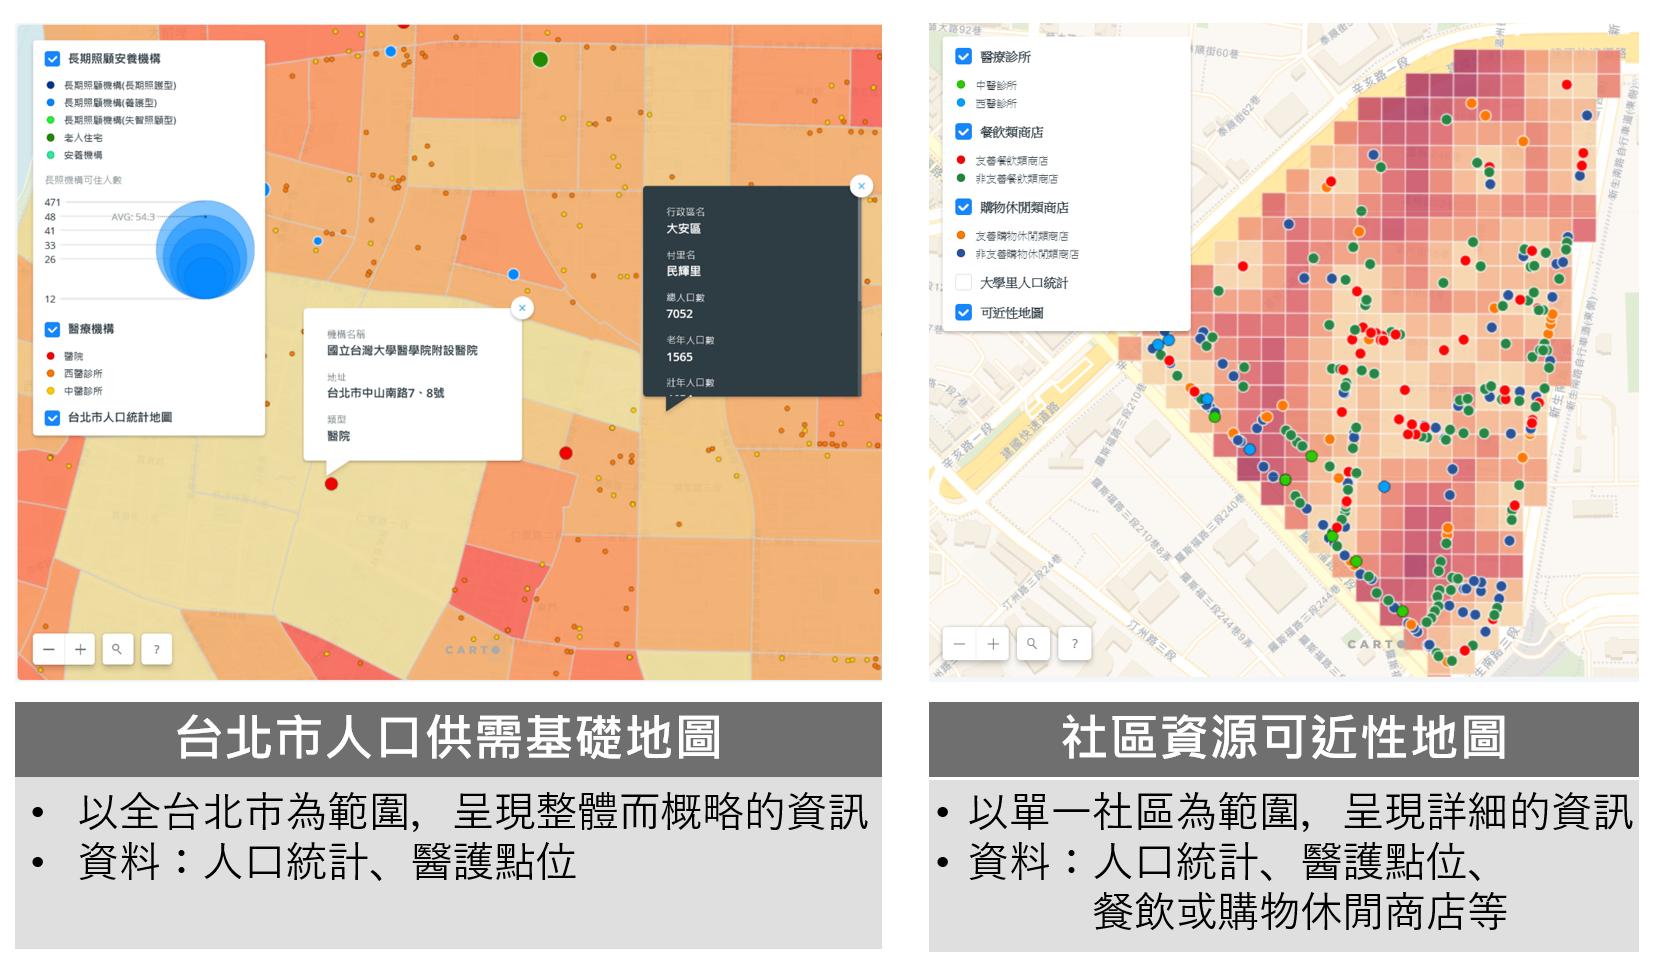 防疫物資在哪裡?建立「防疫照護與社區資源的地理資訊平台」(下)/溫在弘、杜承軒